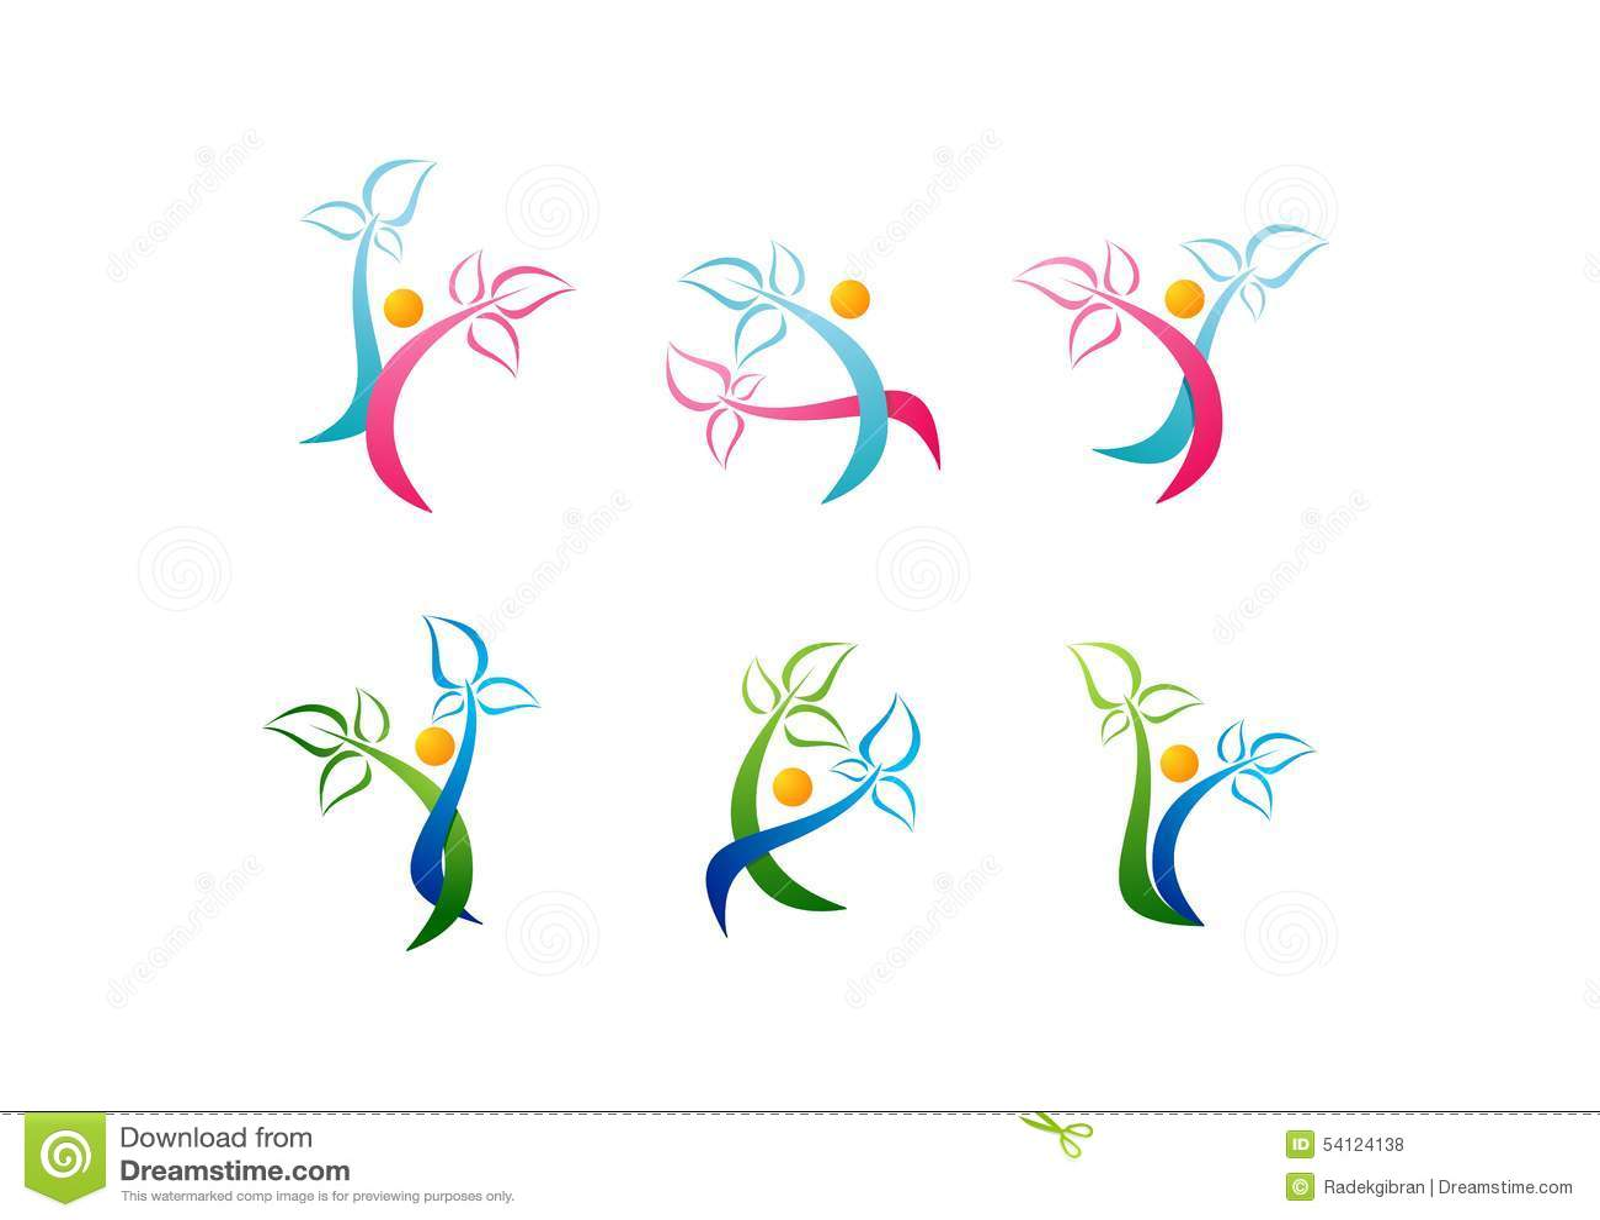 El logotipo de la salud, símbolo de la belleza del cuidado, salud del icono del balneario, planta, vector determinado de la gente